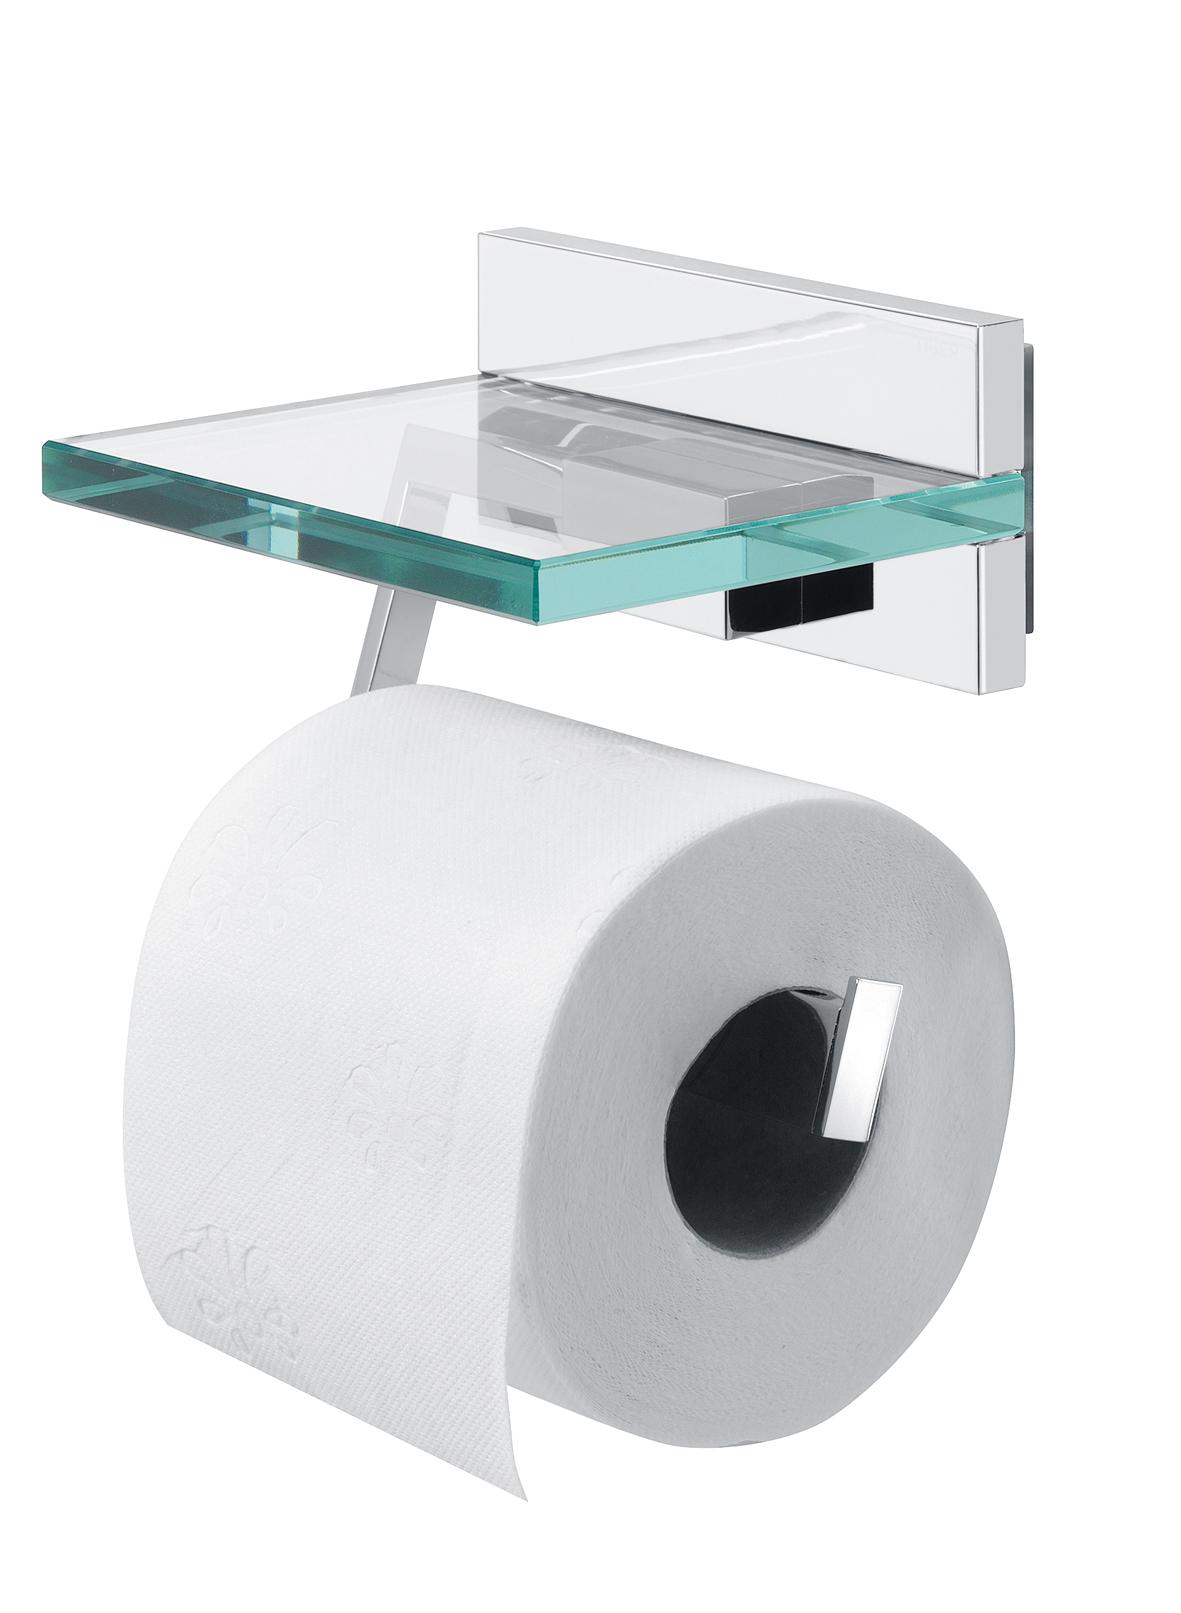 Ikea Badkamer Godmorgon ~ maken de badkamer kompleet  Nieuws Startpagina voor badkamer